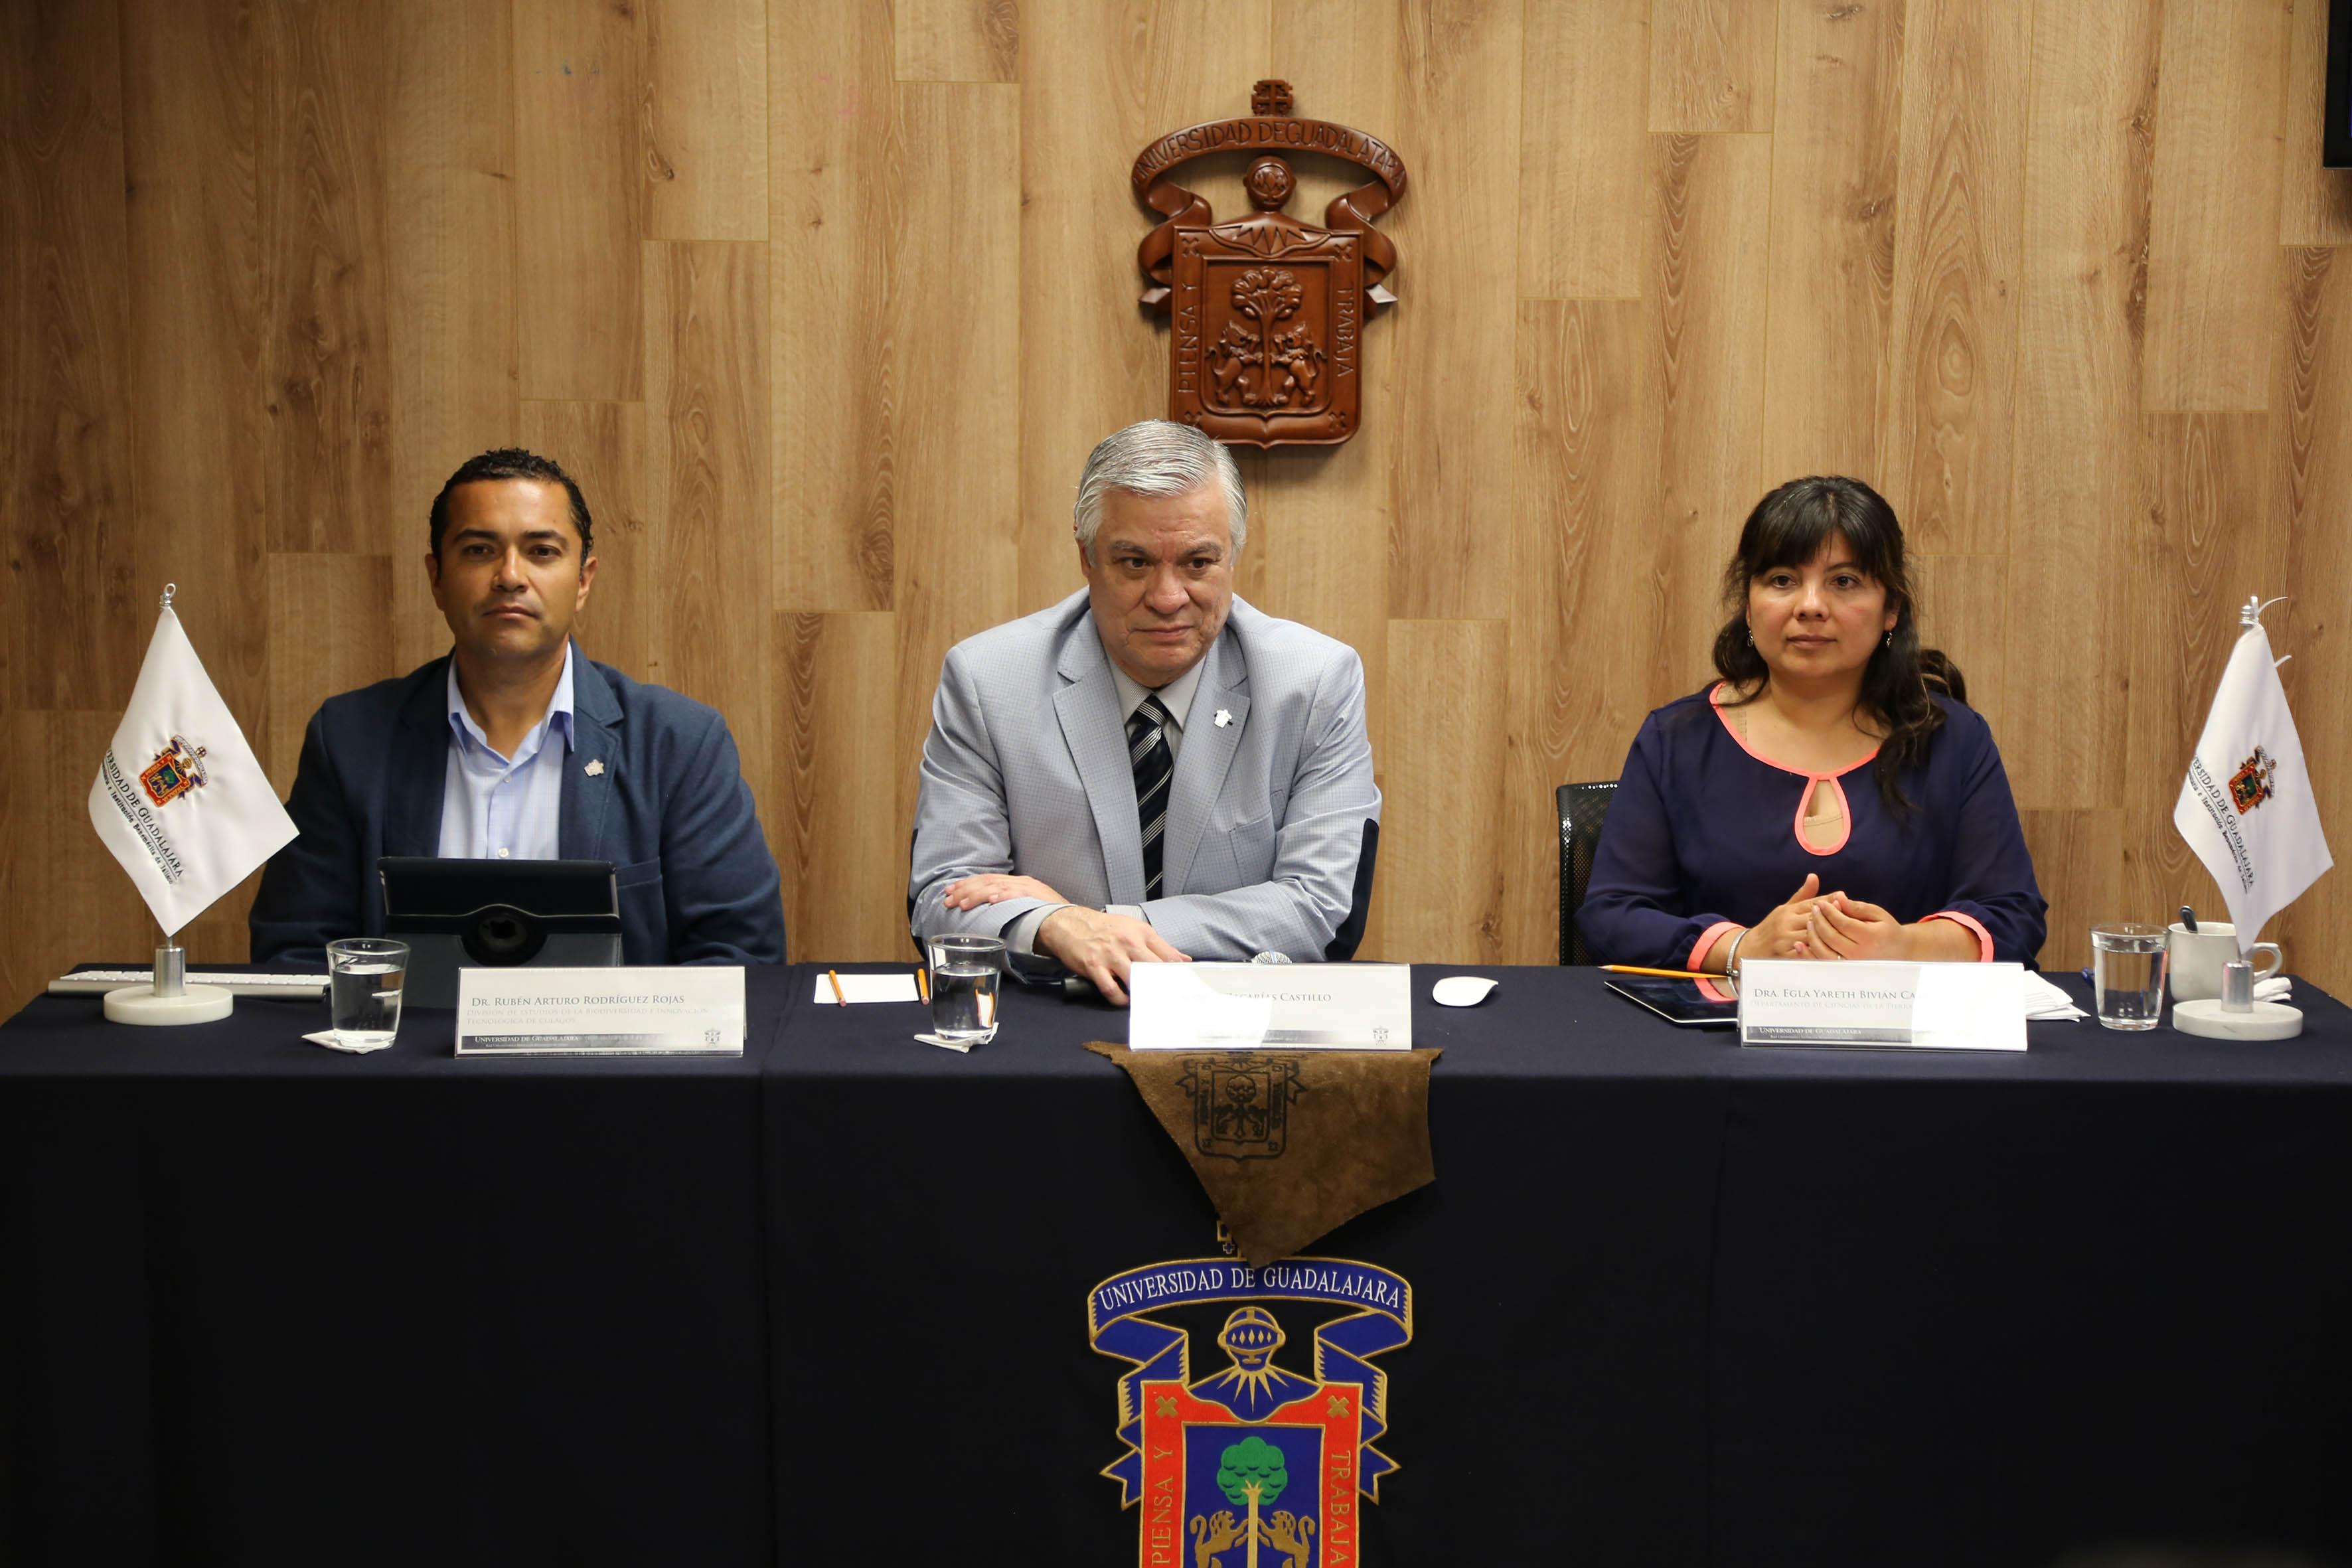 Presidium de la presentación de la XVI Feria de la Ciencia, Arte y Tecnología en CULAGOS